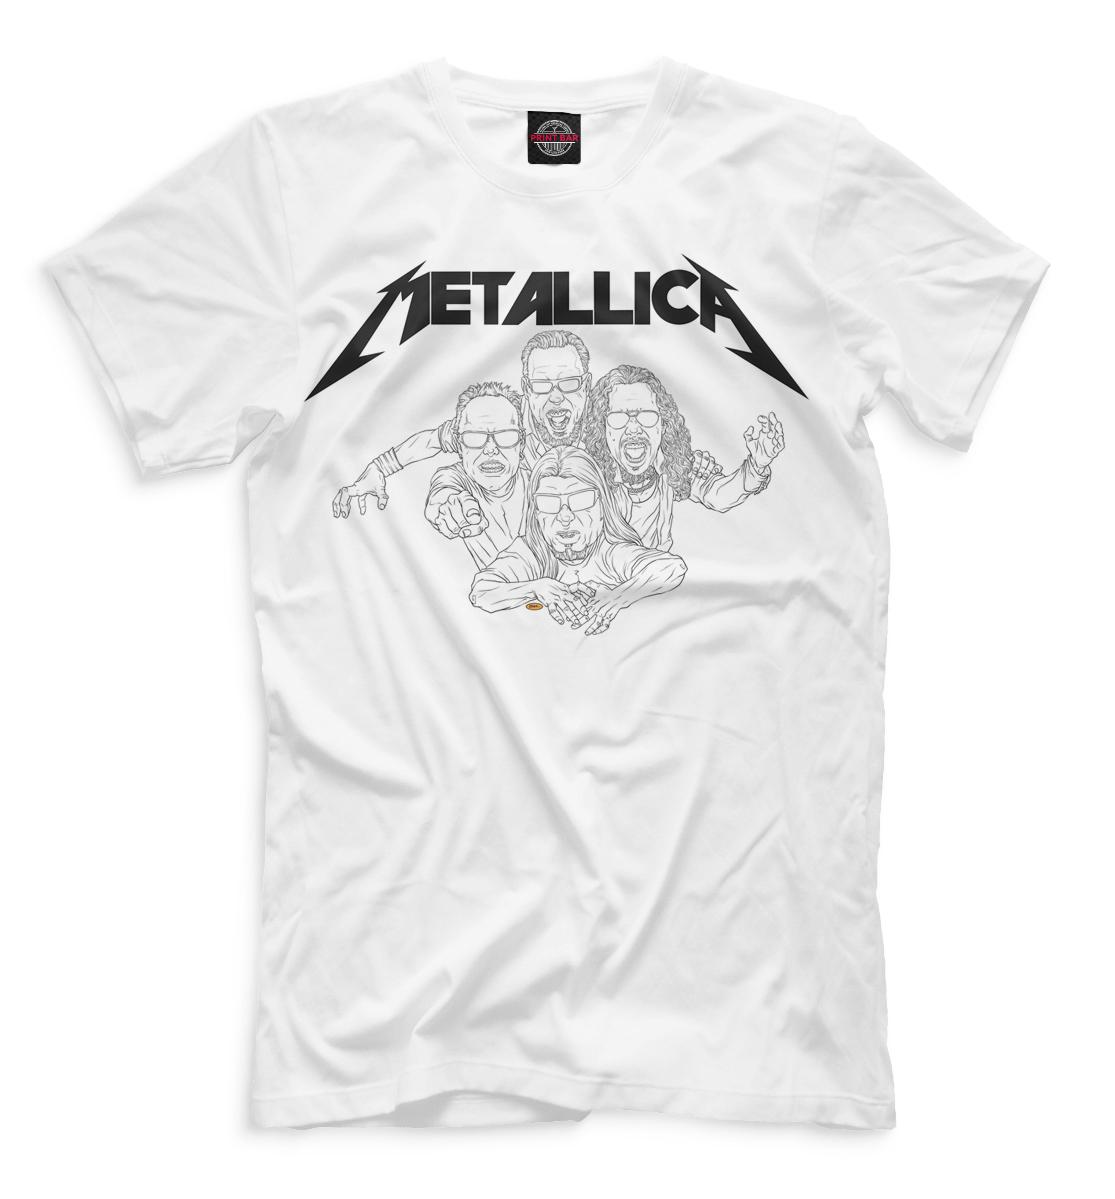 Футболка для мальчиков  Metallica